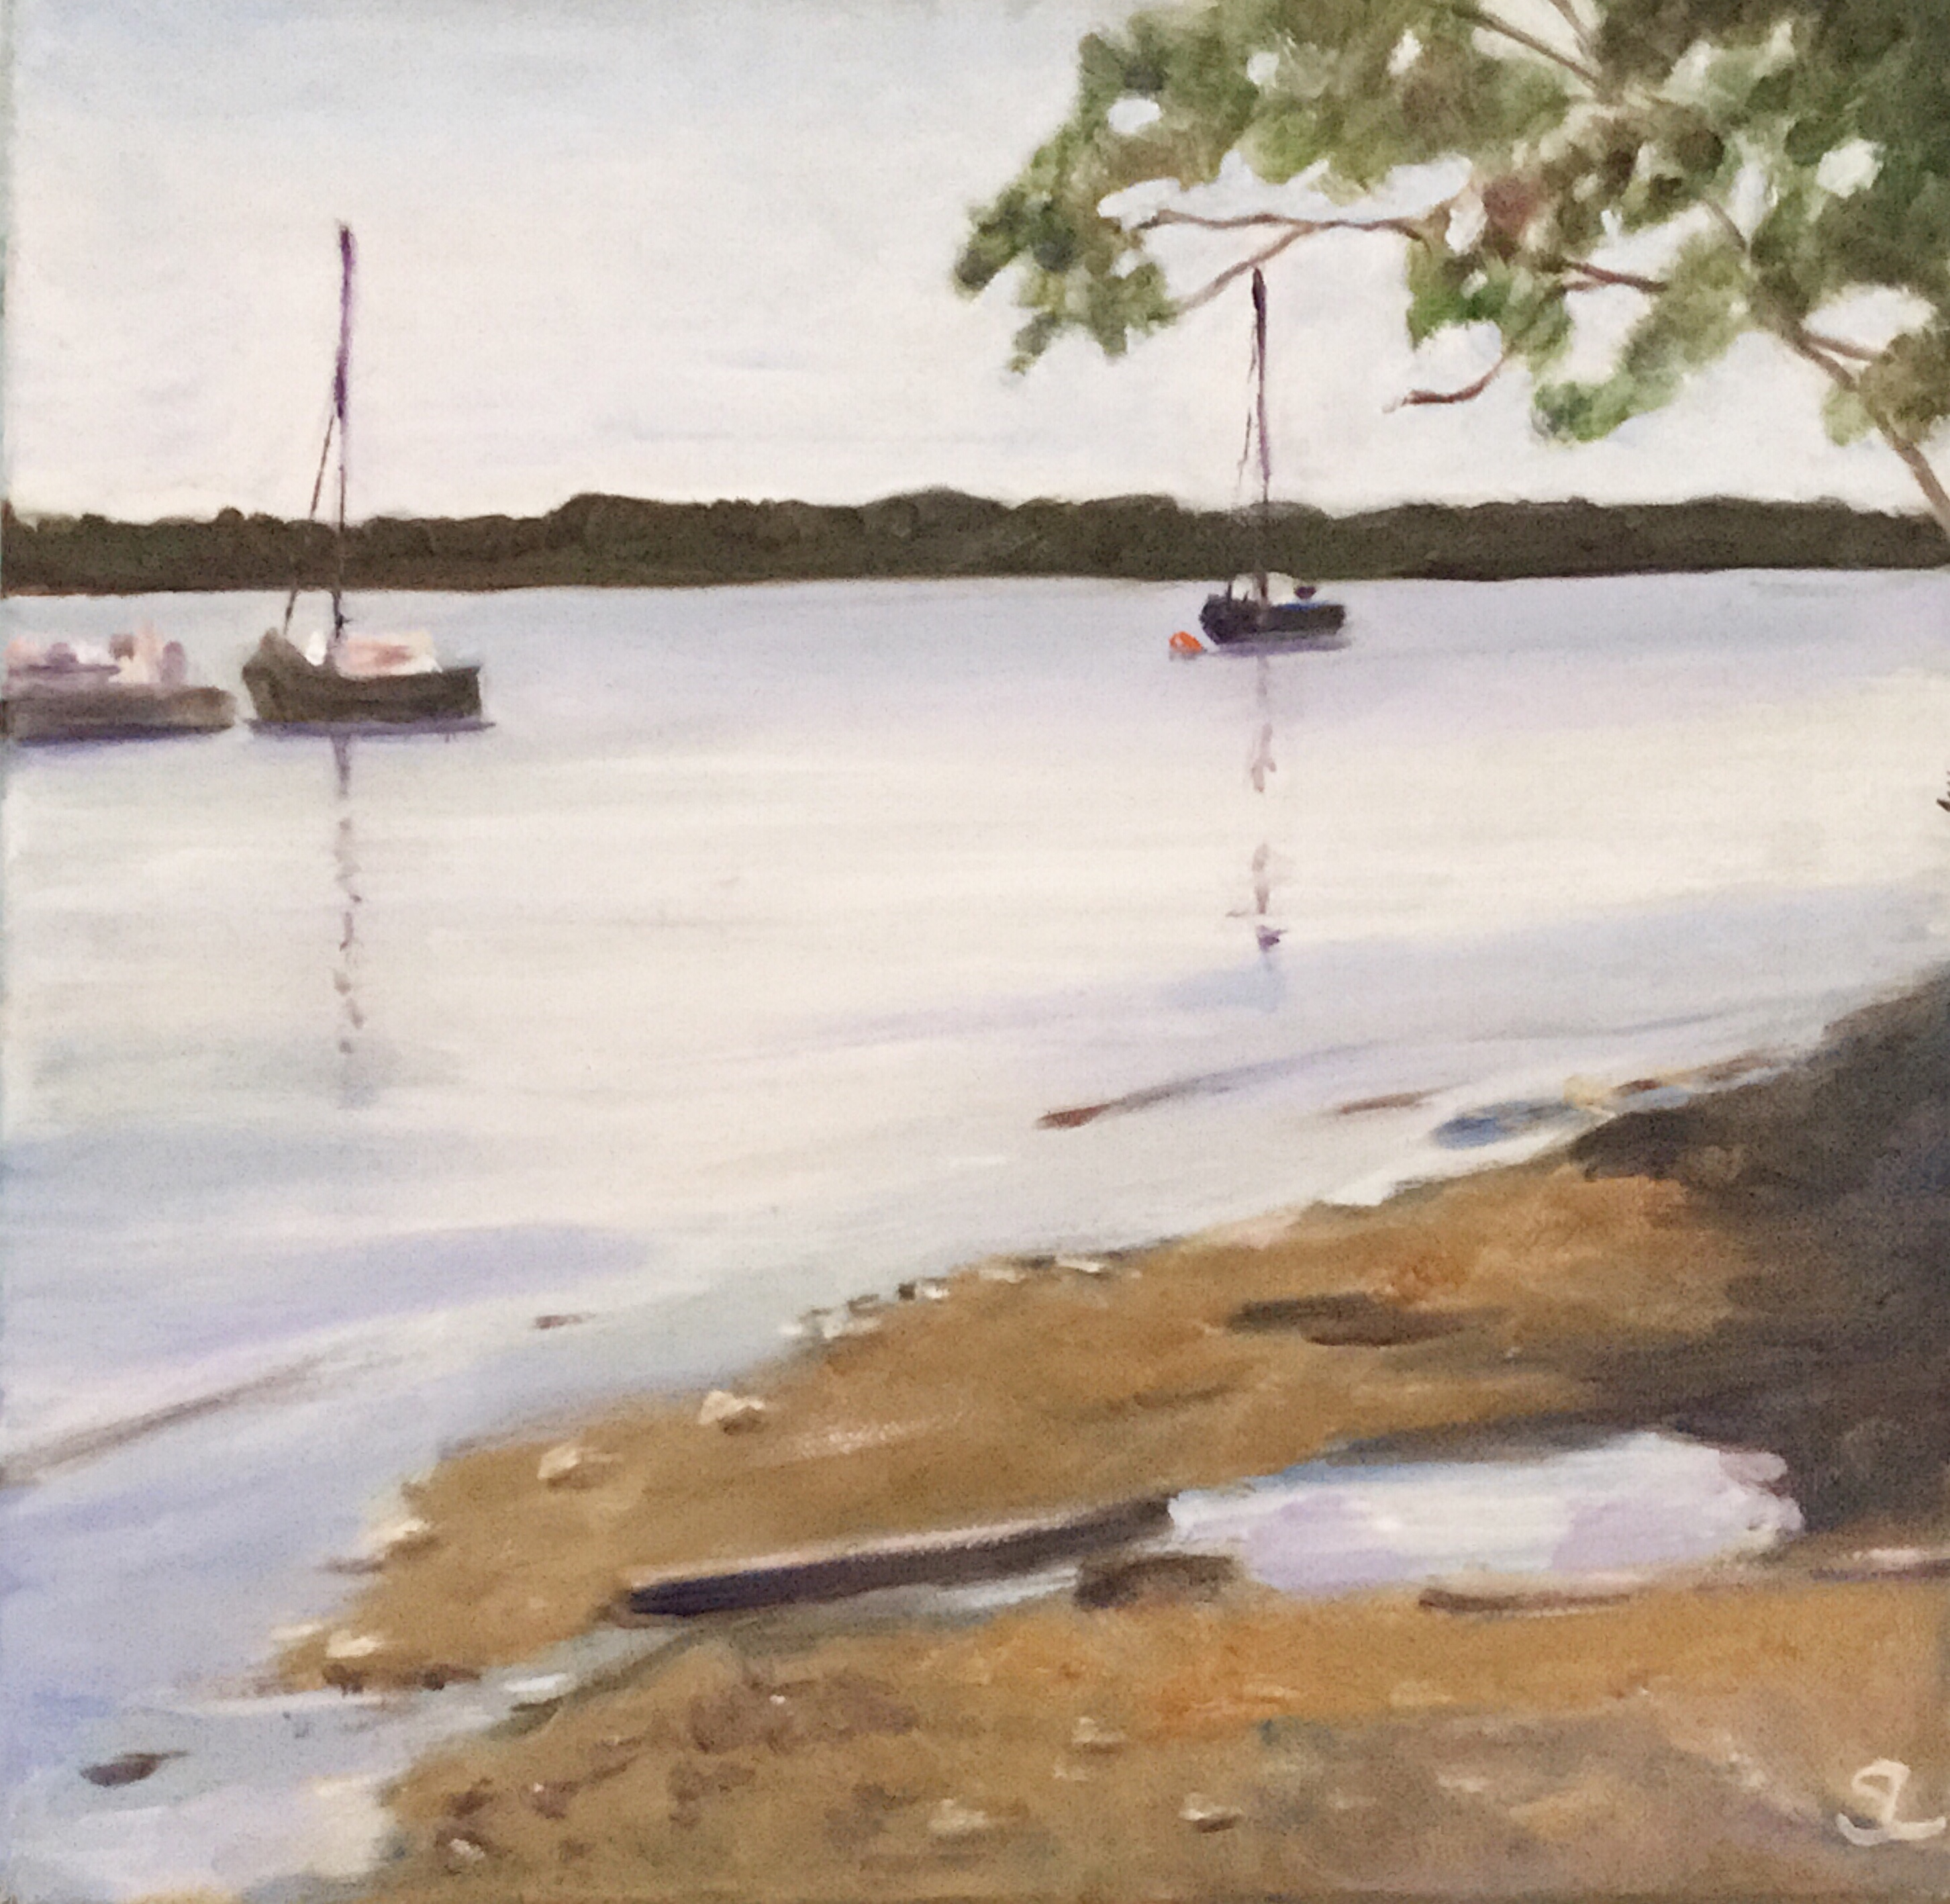 Smugglers' Cove (again)